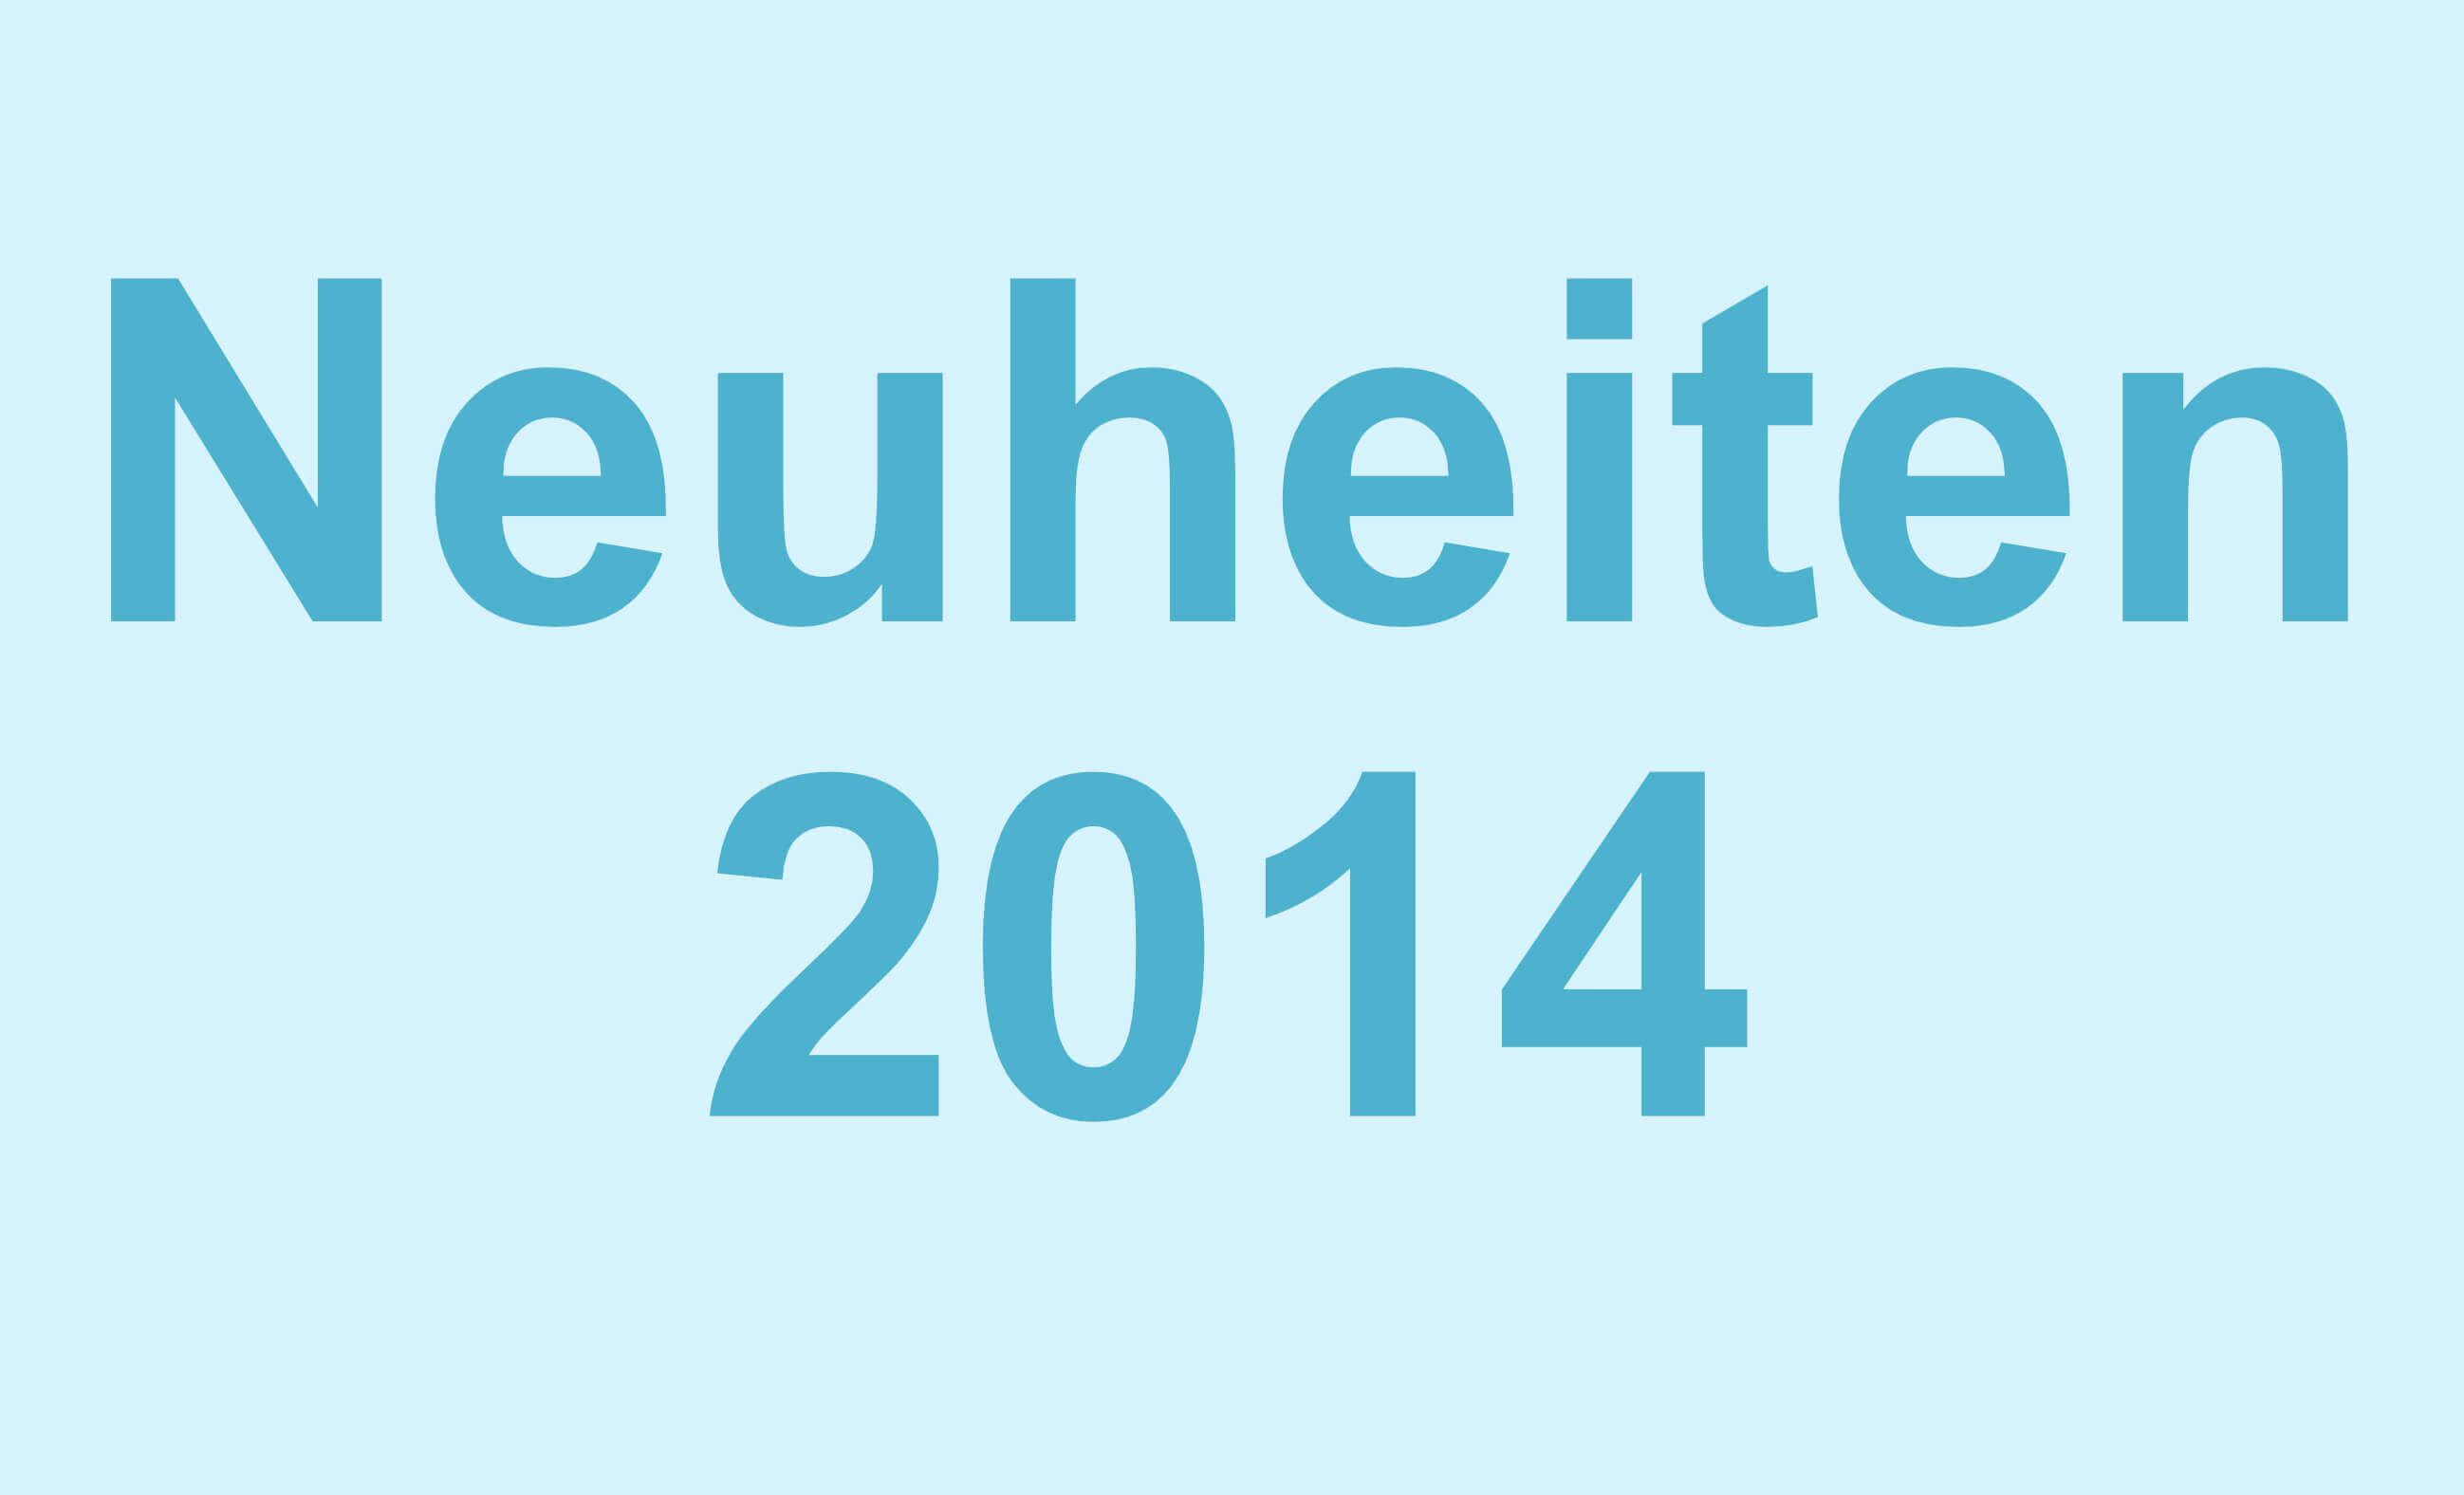 Gartenteich Neuheiten 2014